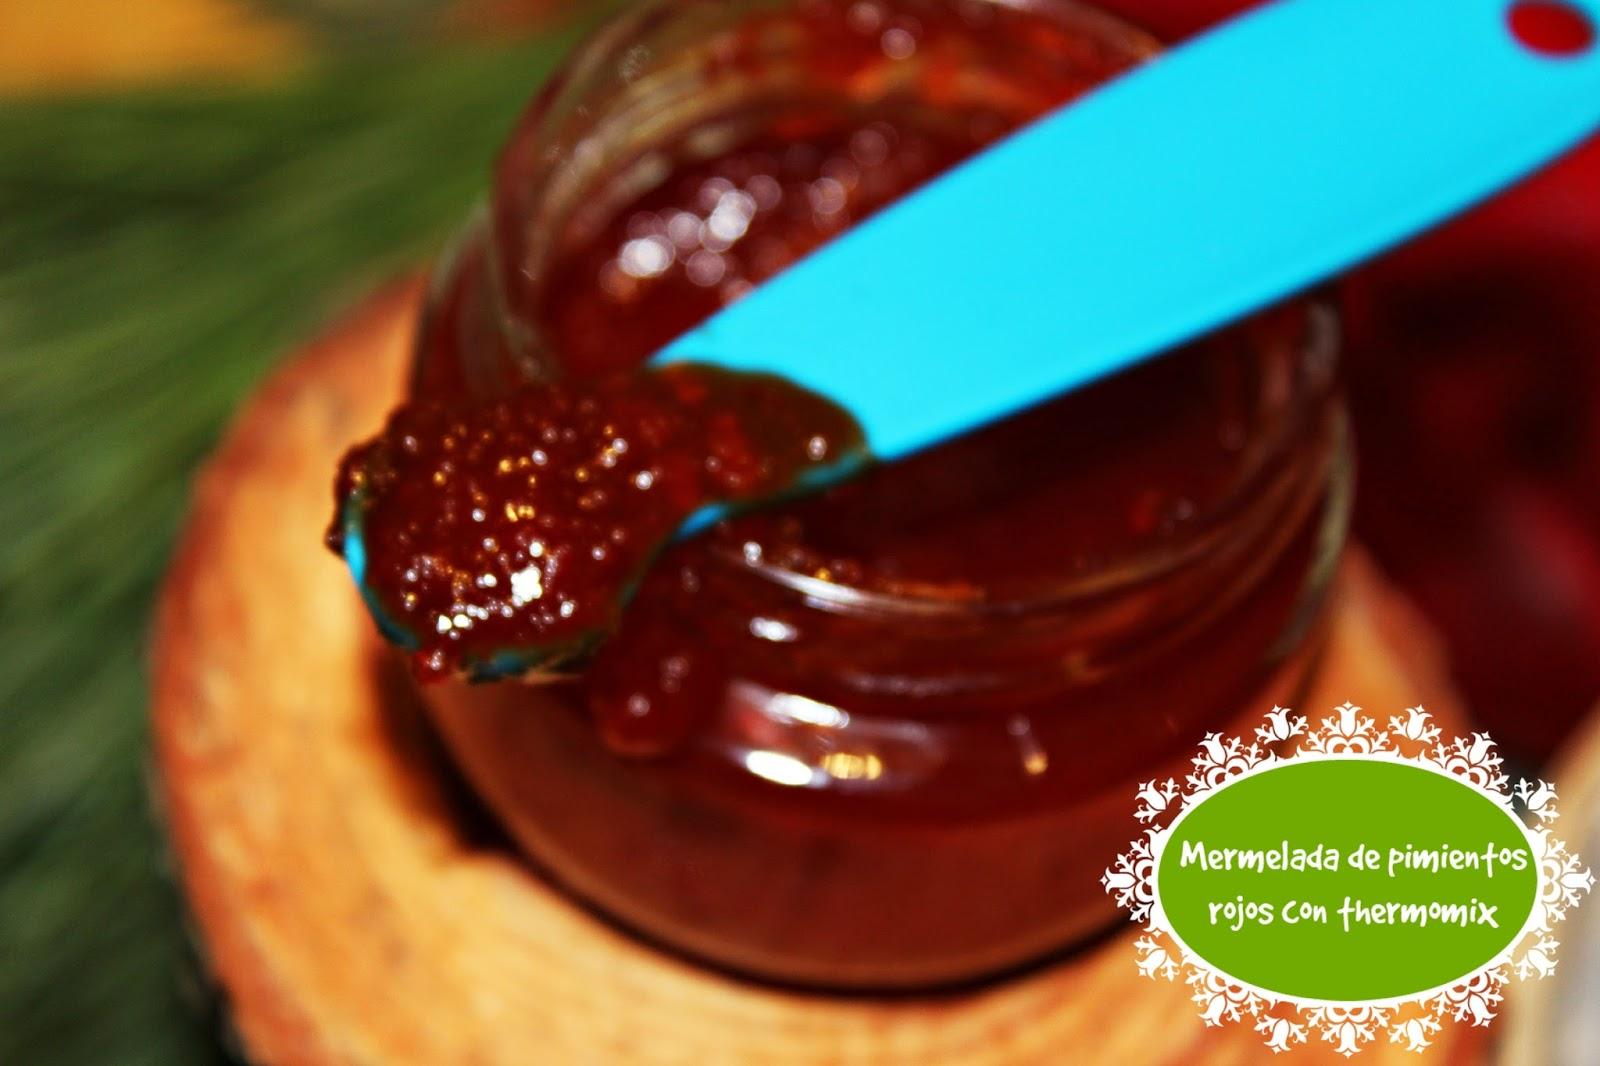 Mermelada de pimientos rojos con thermomix - Mermelada de pimientos rojos ...